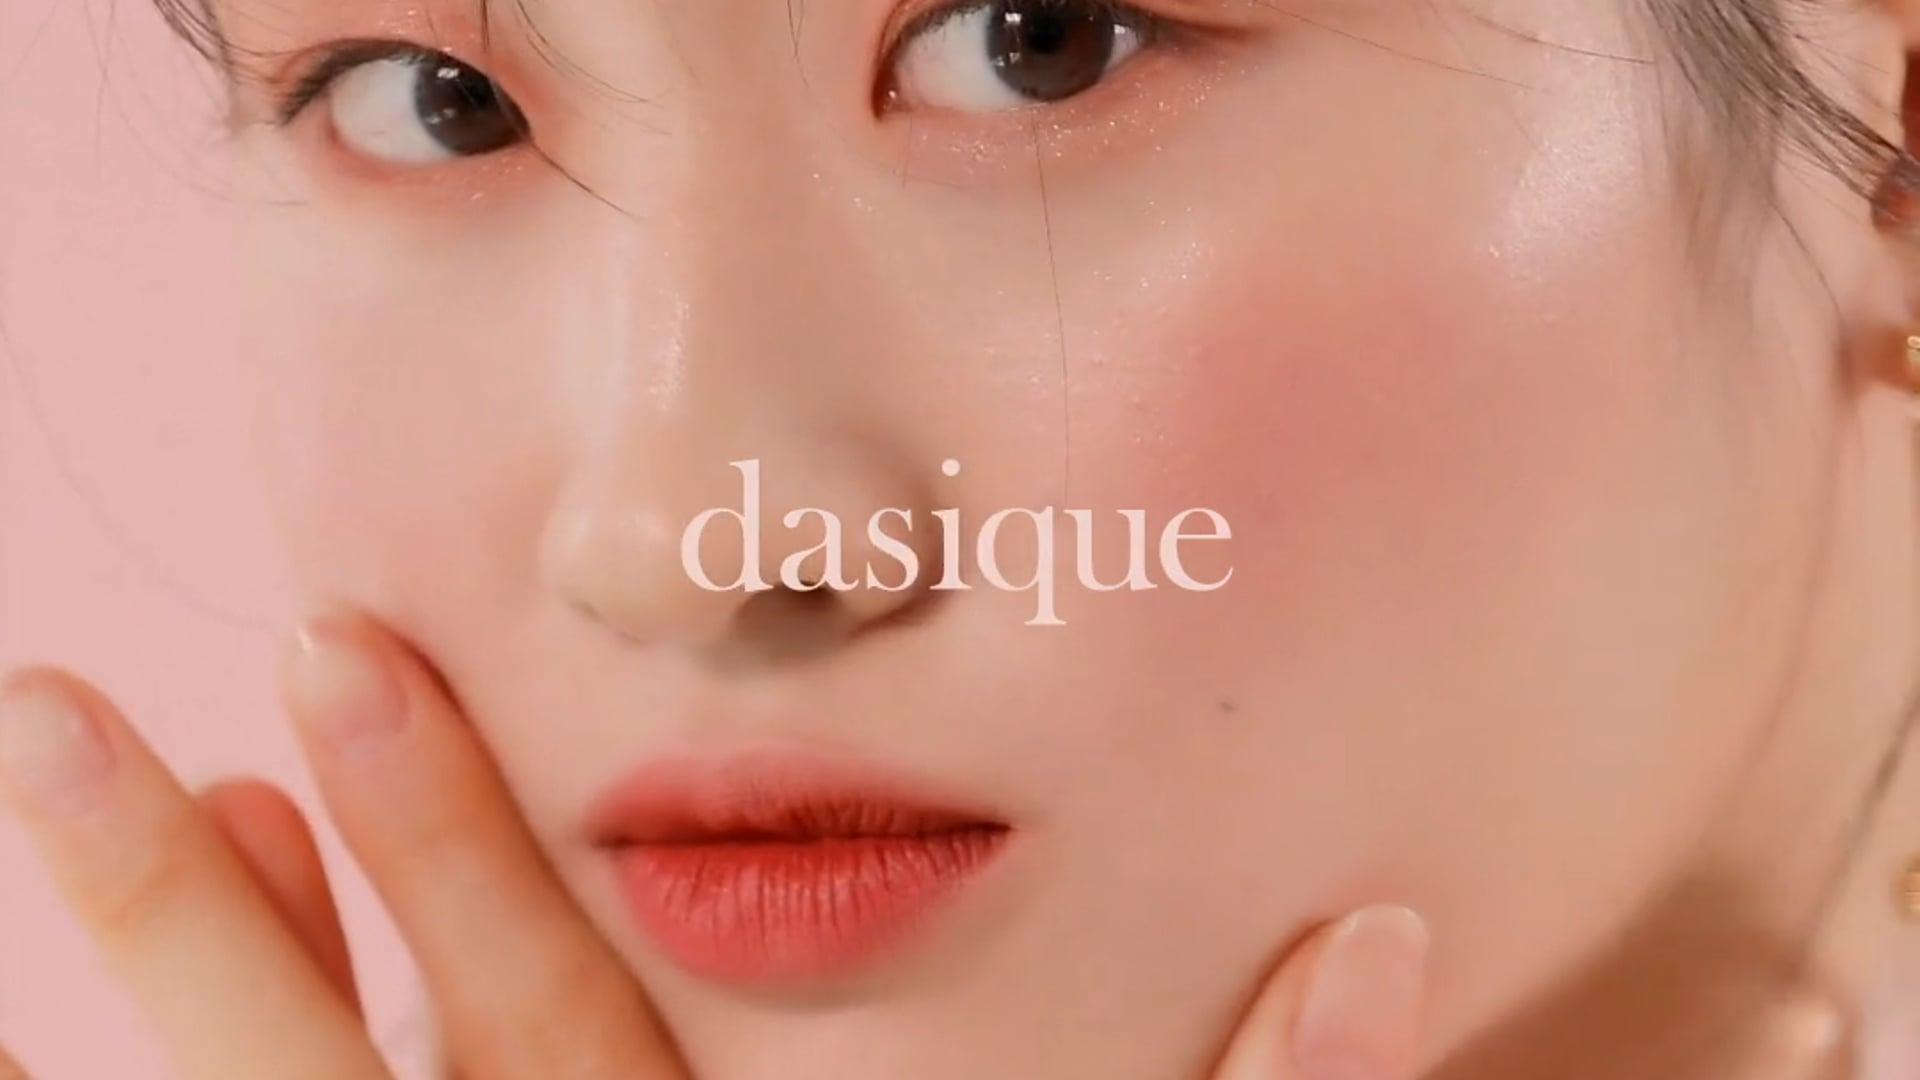 Dasique